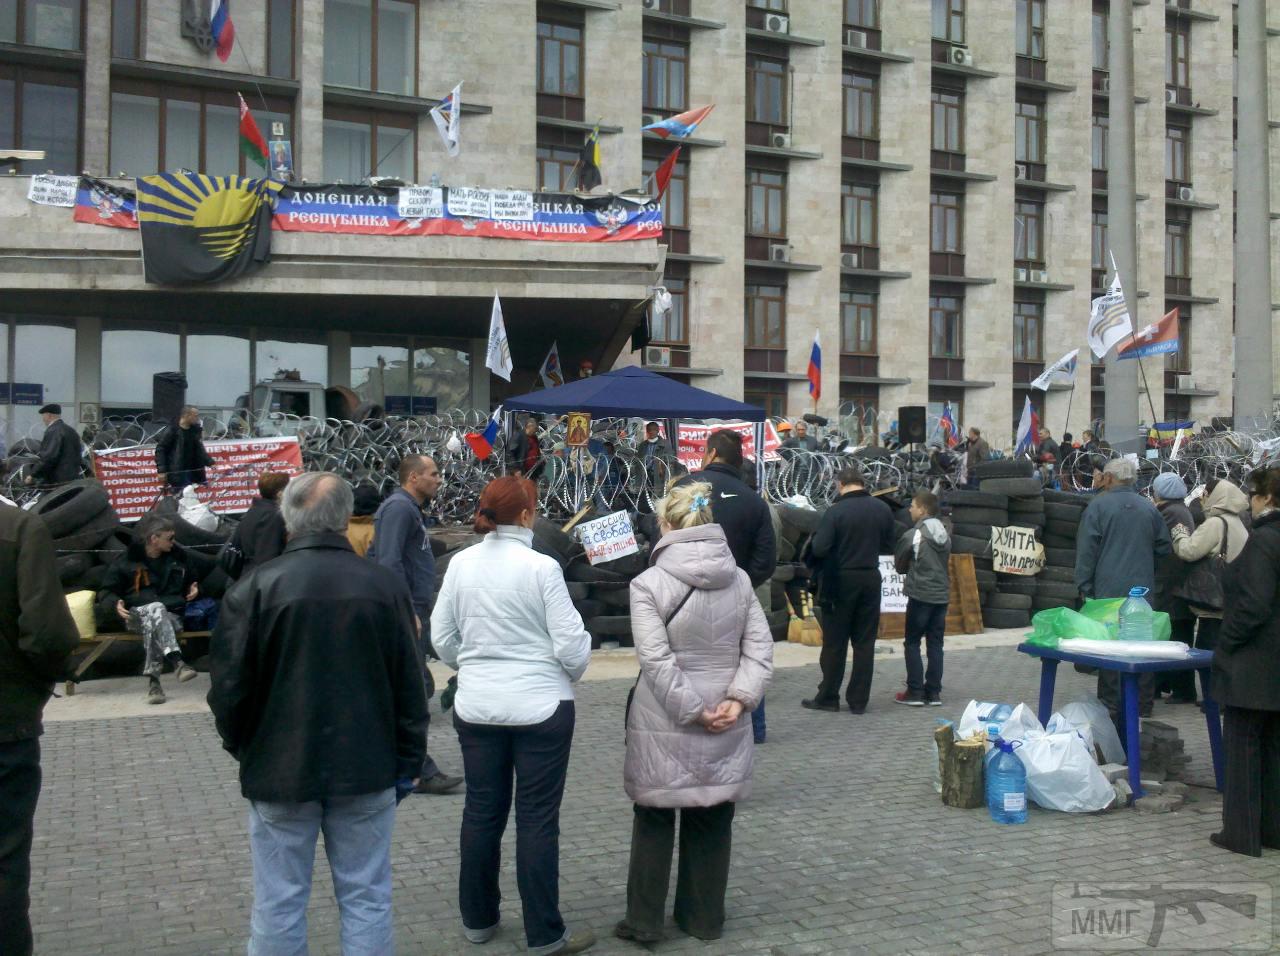 21251 - Баррикады у Донецкой обладминистрации, 9 апреля 2014 г.